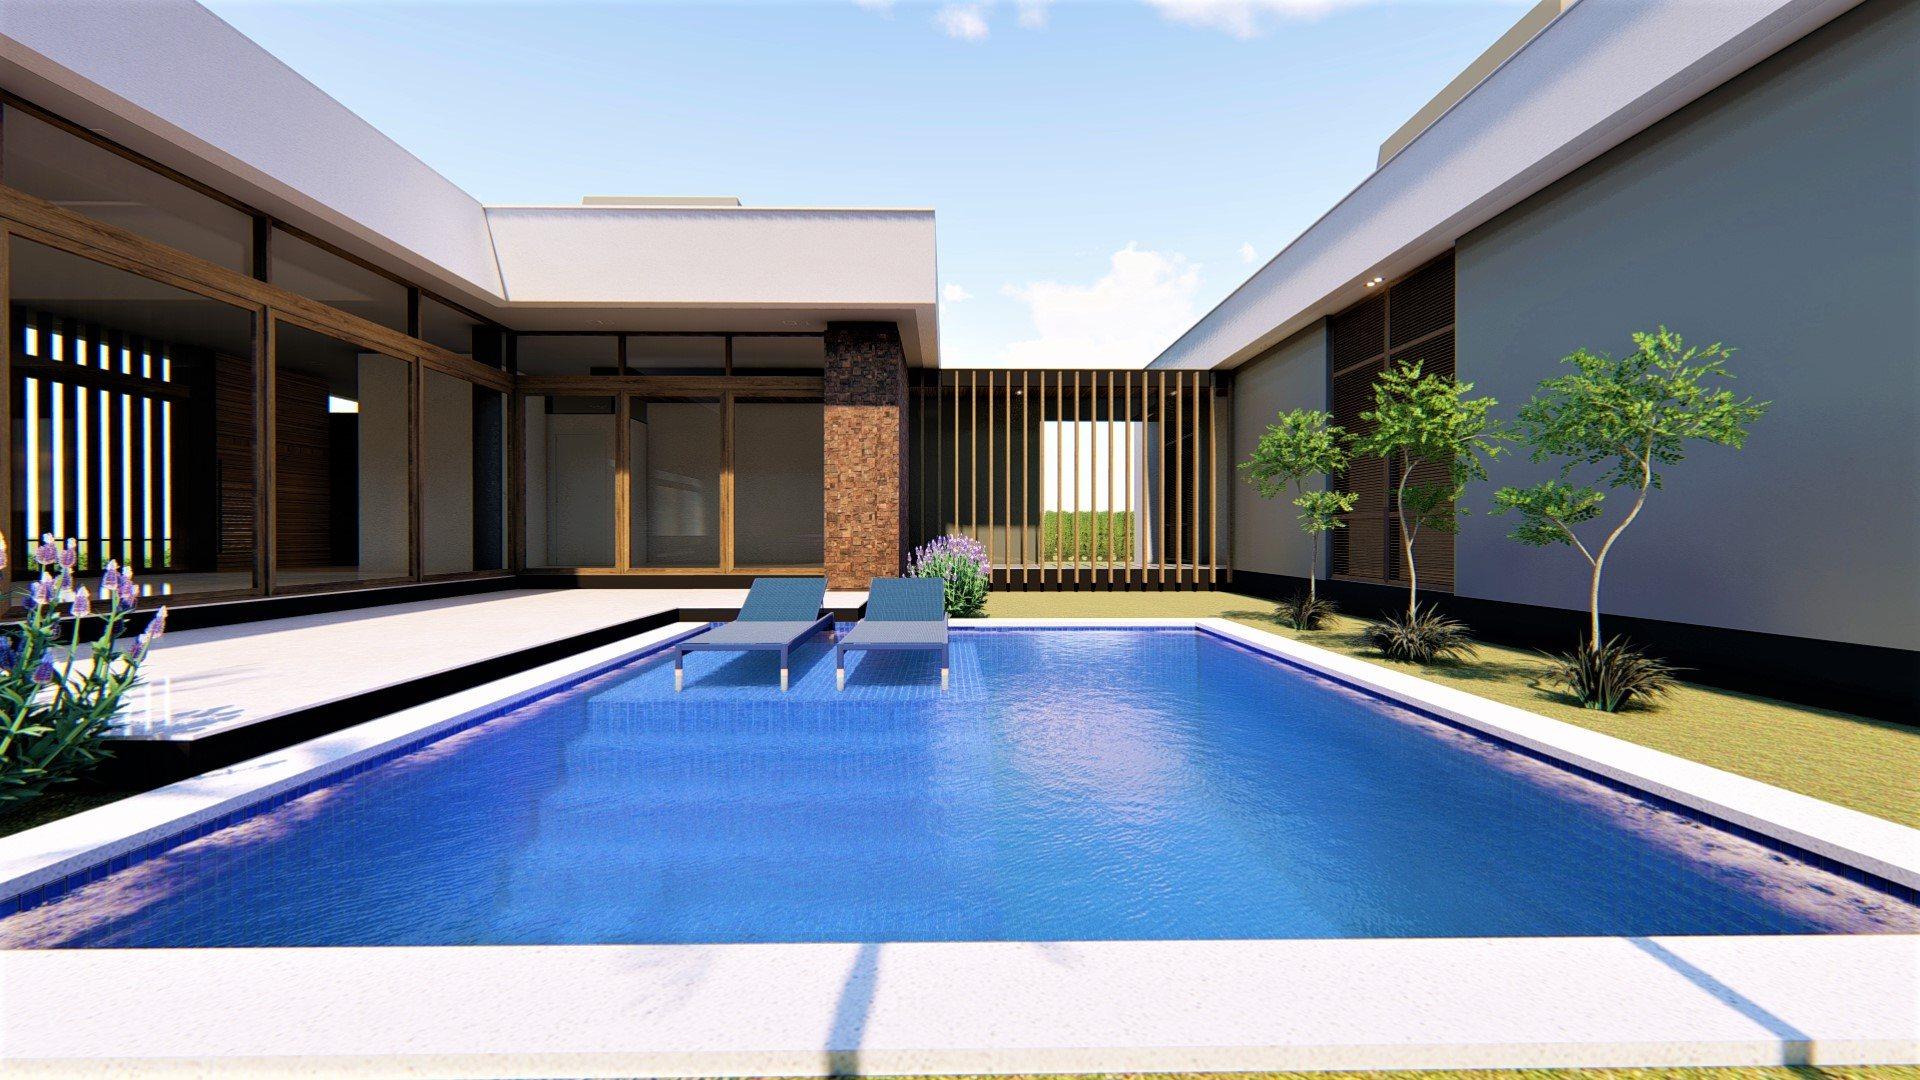 Casa em Criciuma